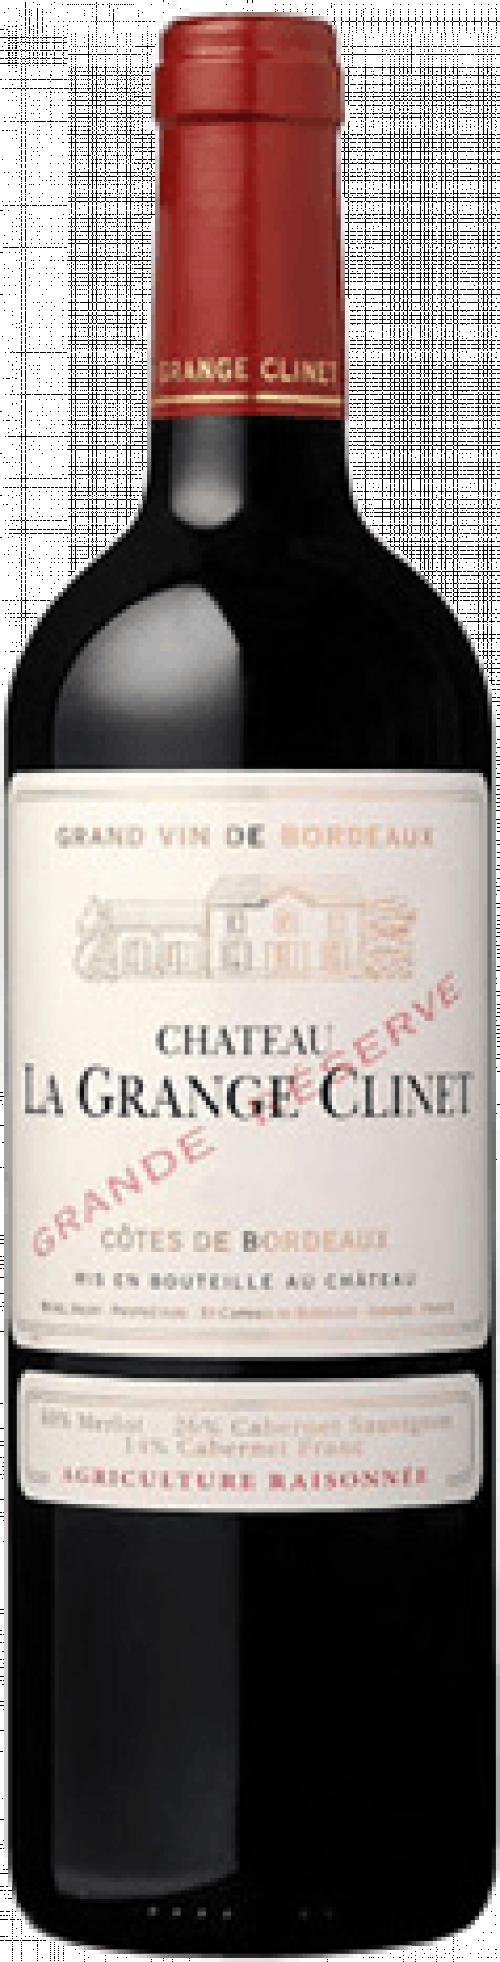 2016 Chateau La Grange Clinet Red Grande Reserve 750ml